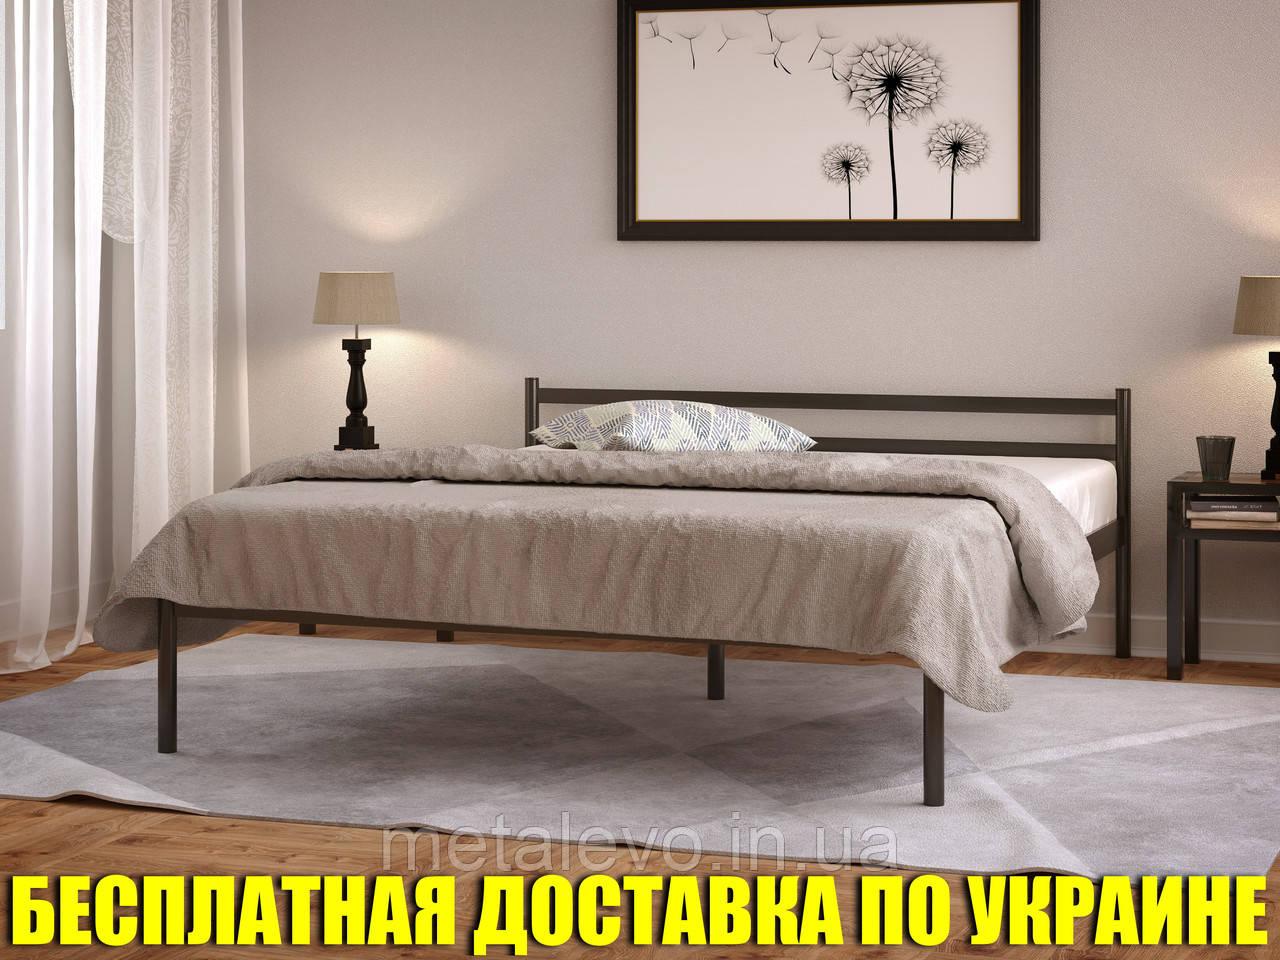 Полуторная металлическая кровать КОМФОРТ (COMFORT)